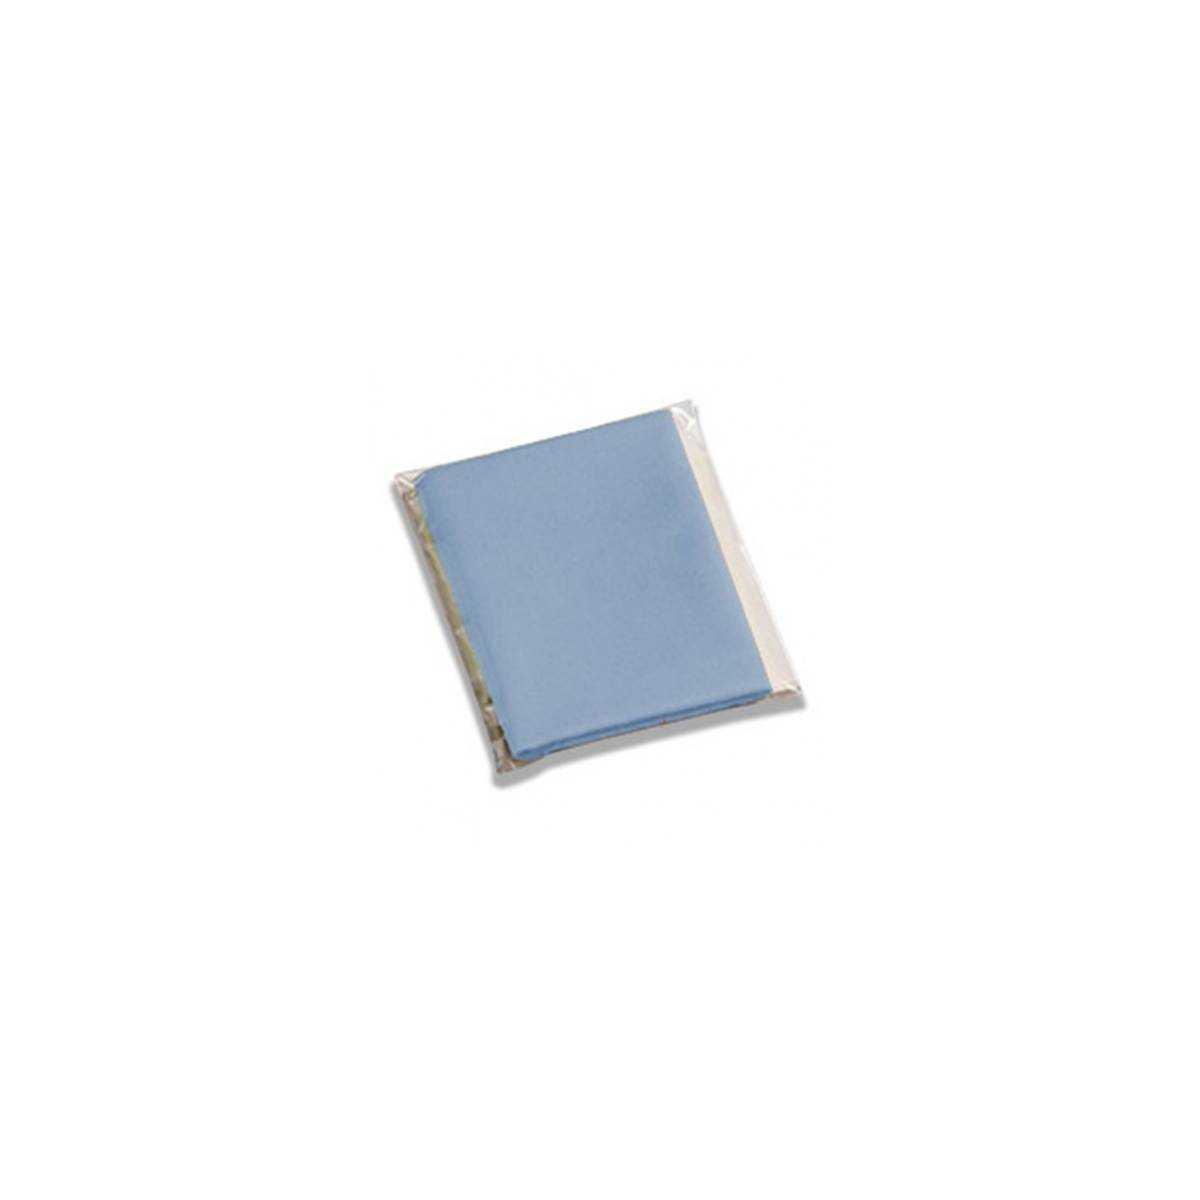 Салфетки для влажной и сухой уборки Silky-T 5шт. (Голубые) TCH101220 TTS